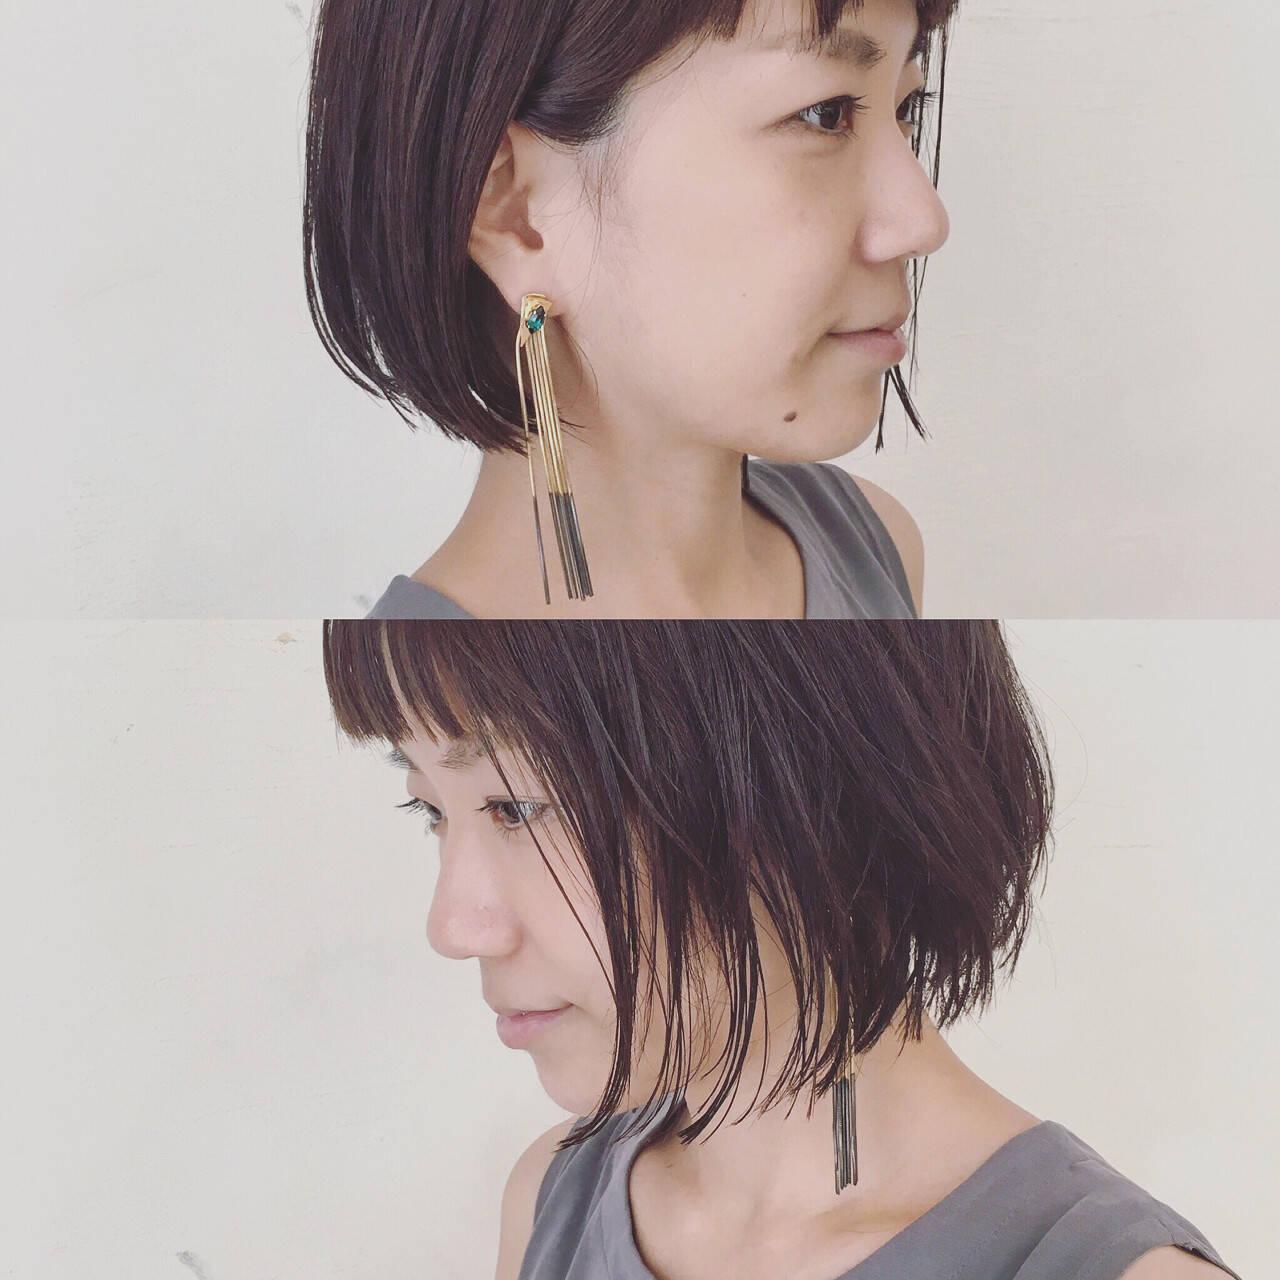 ボブ 切りっぱなし 抜け感 束感ヘアスタイルや髪型の写真・画像